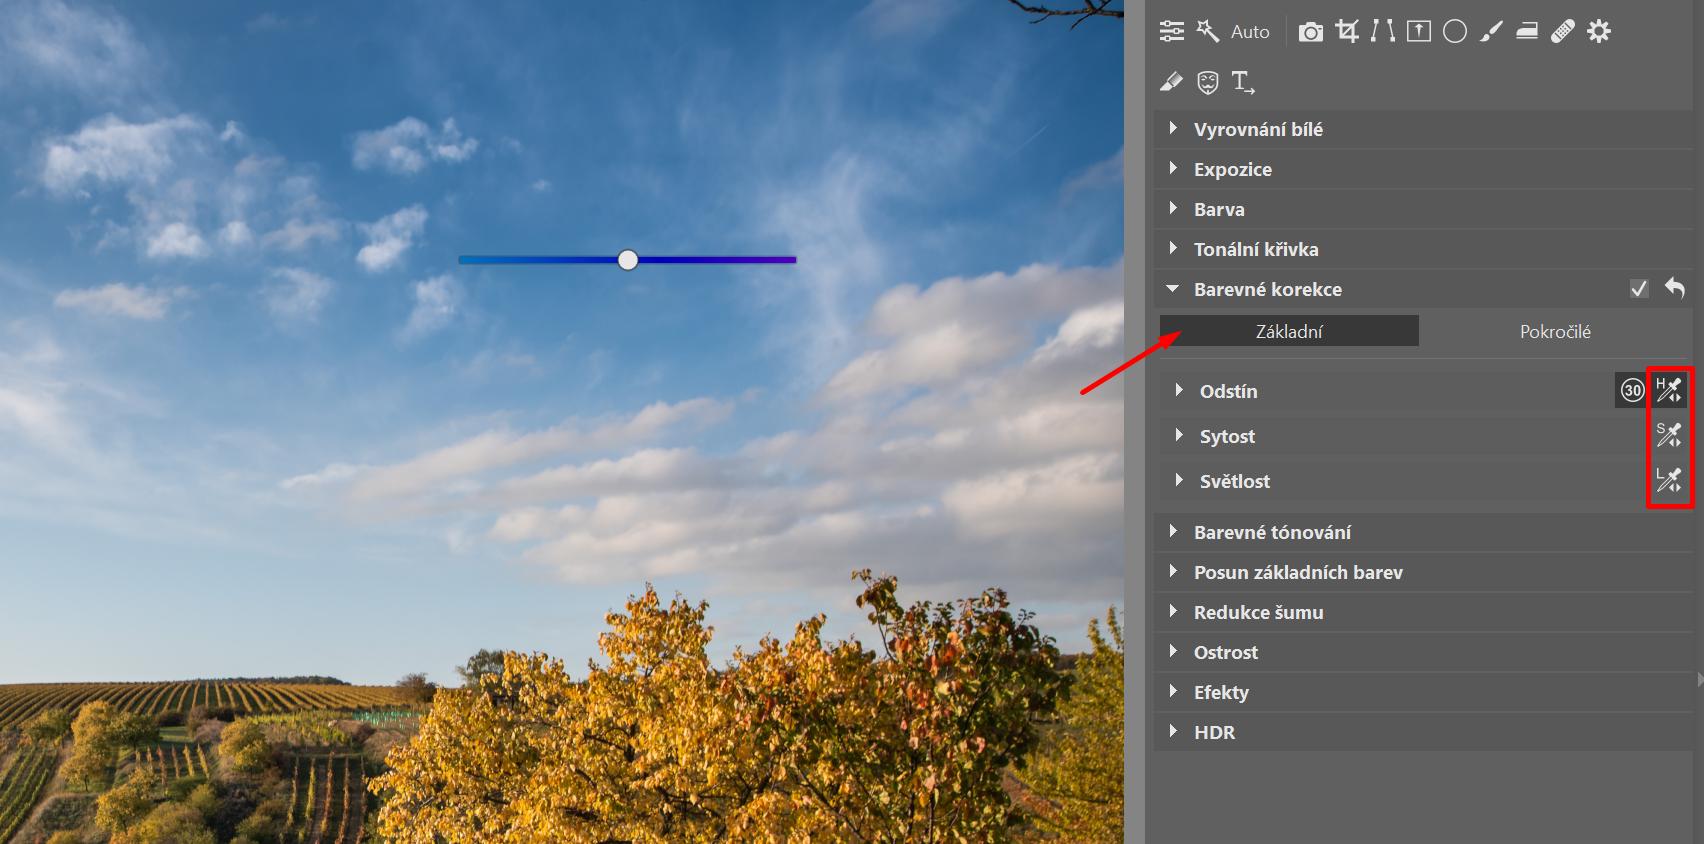 Barevné korekce: získejte absolutní kontrolu nad barevností vašich fotek